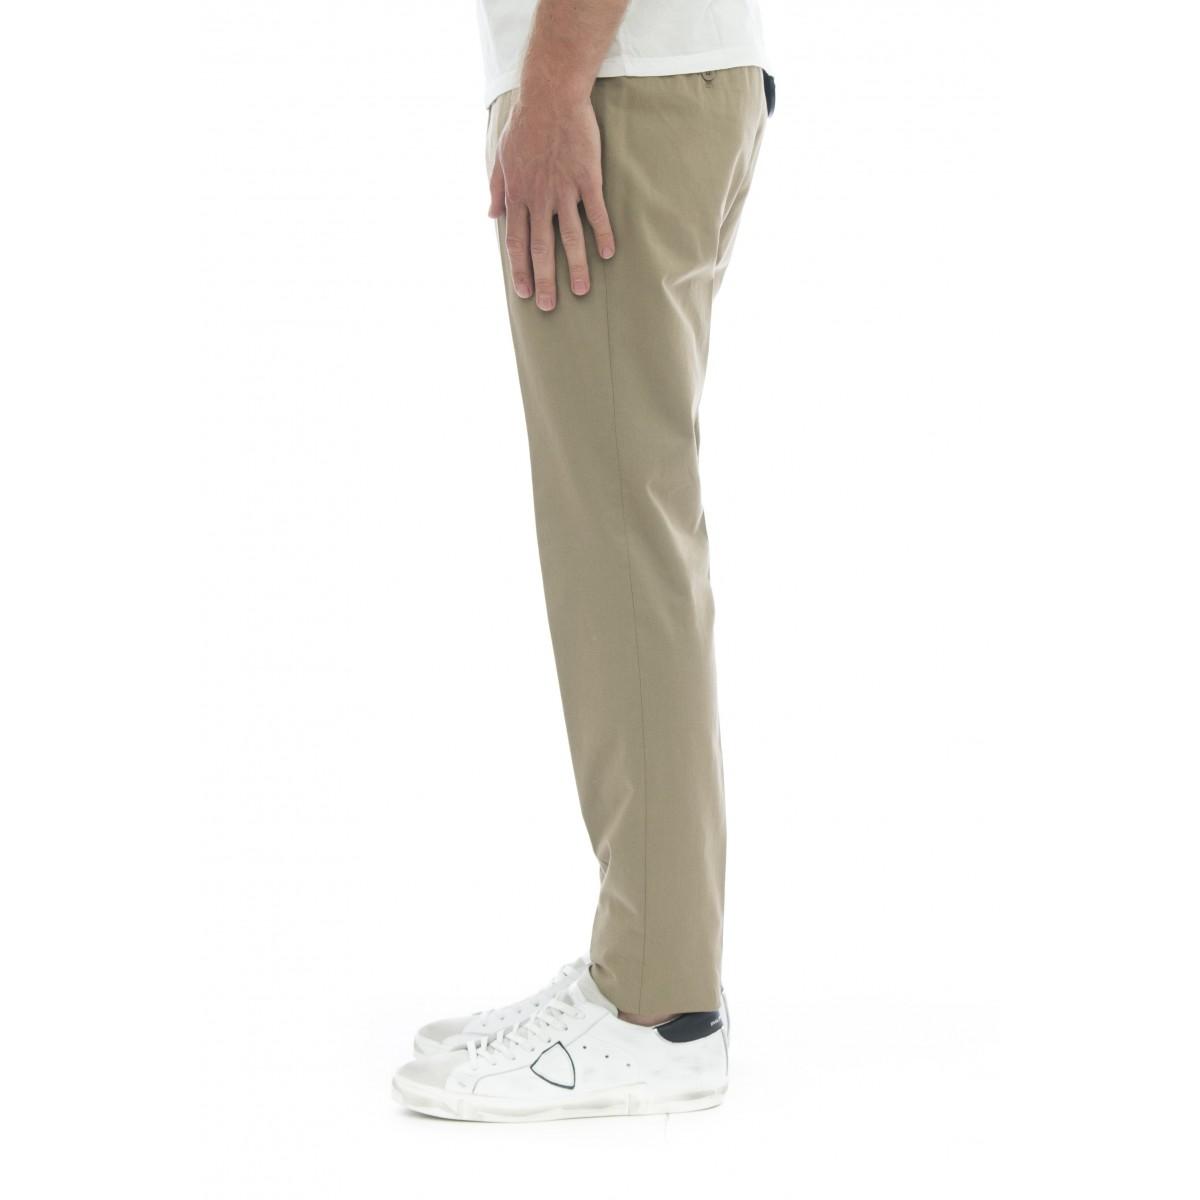 Pantalone uomo - 1gw30 9223j tessuto solaro lavorto